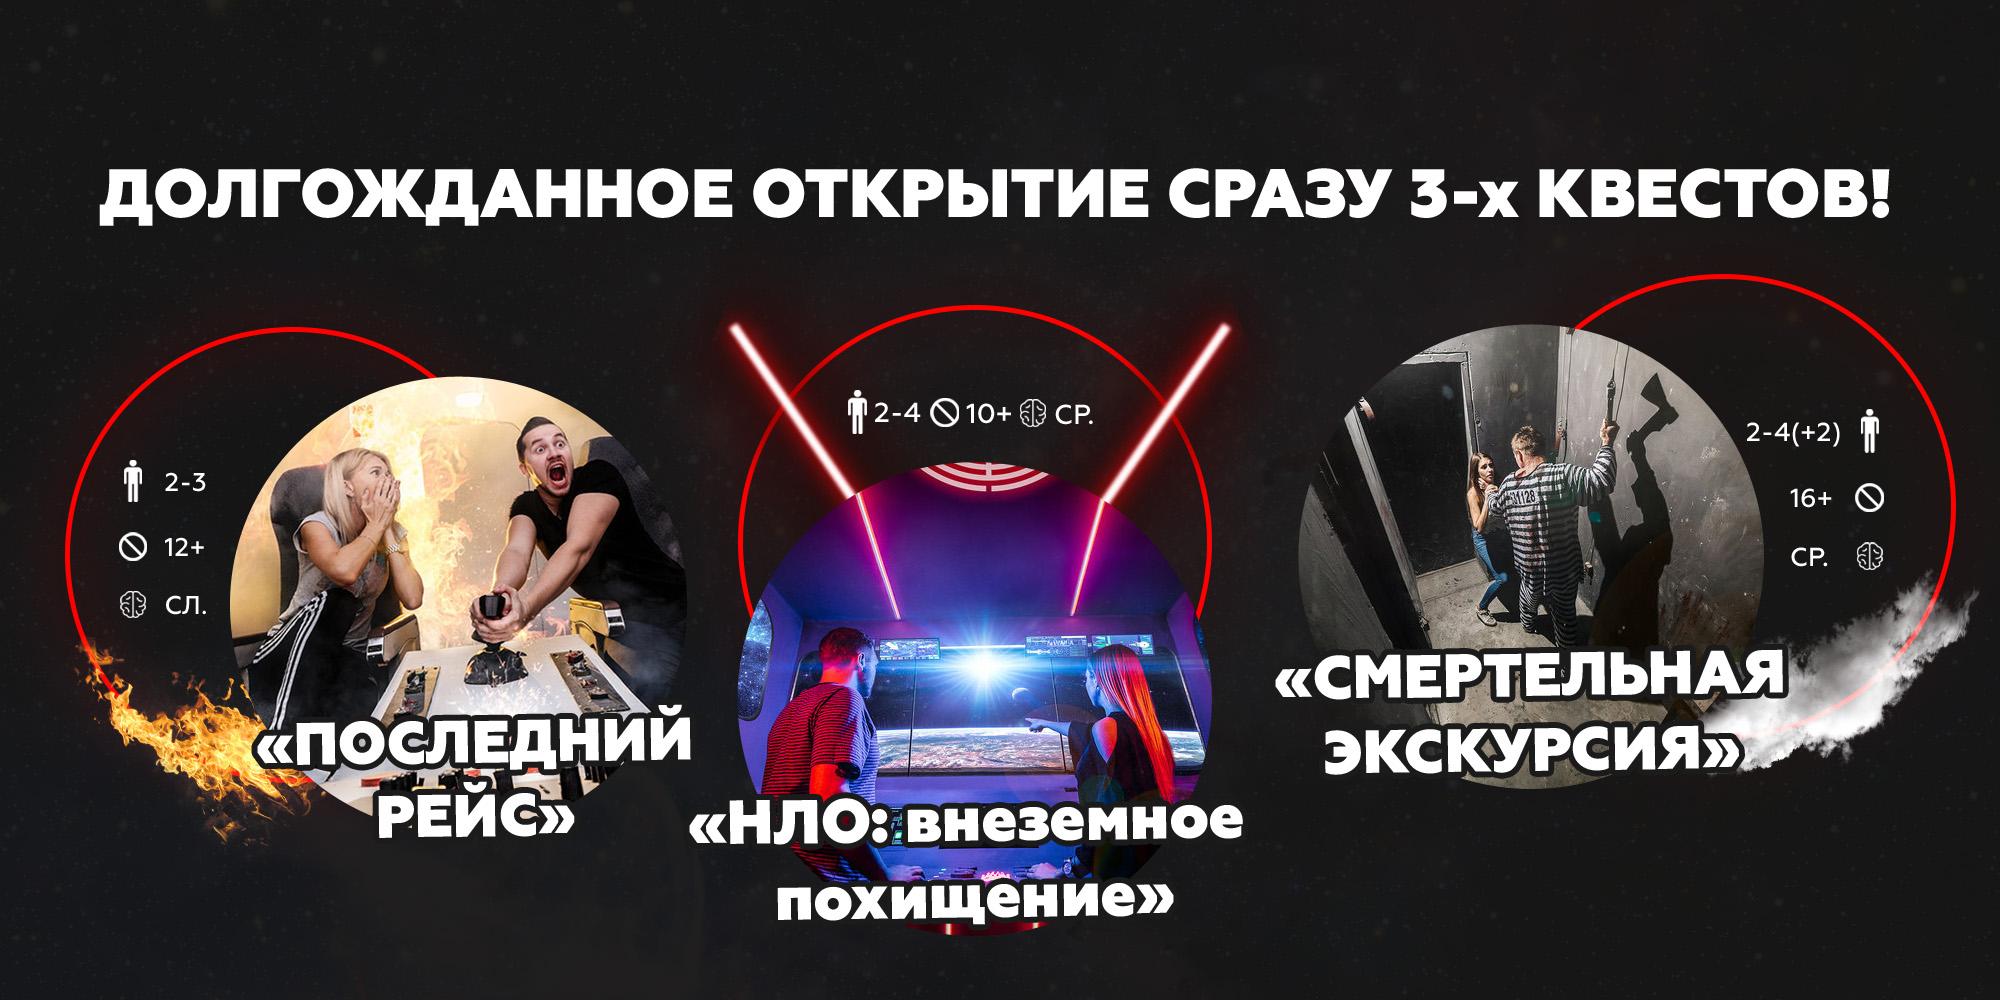 3_kvesta